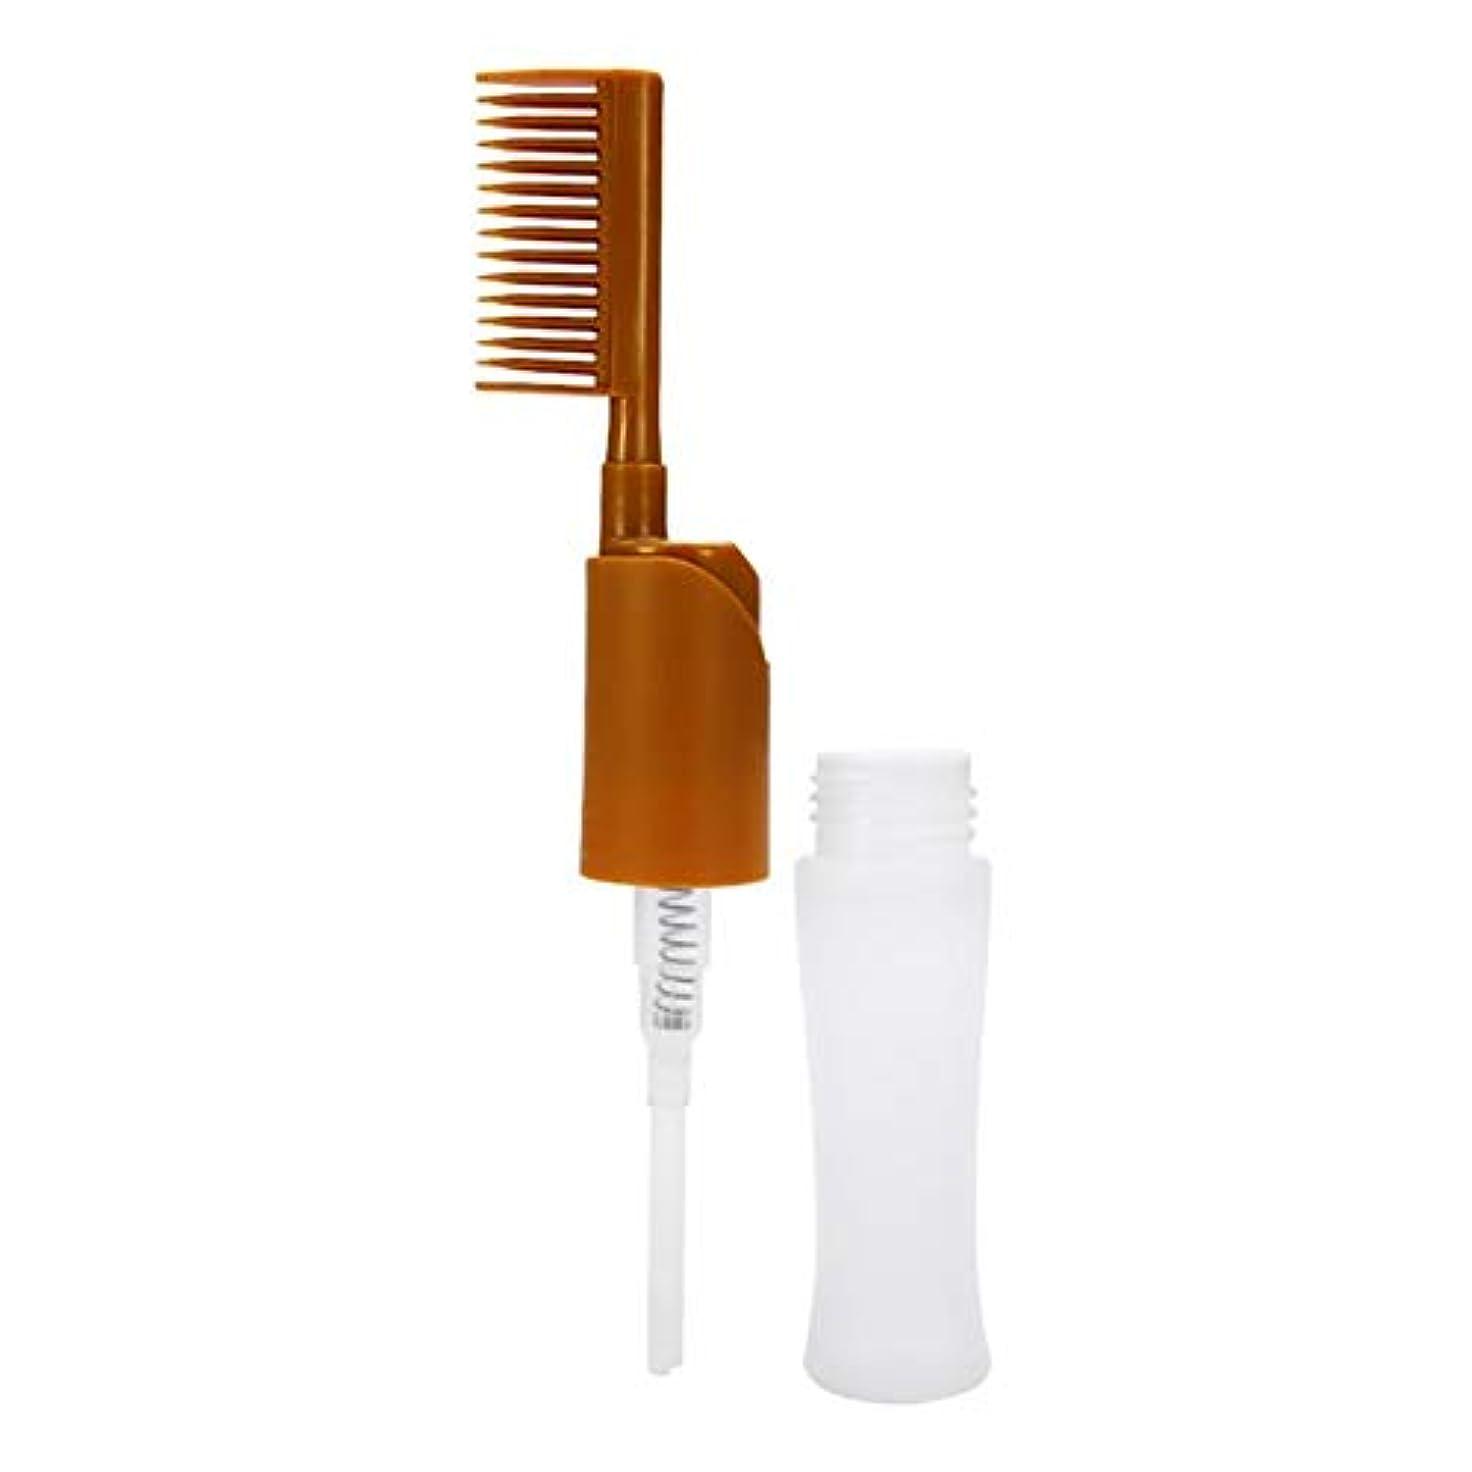 試みる結果として上に櫛染毛の毛は、プロ型ディスペンサーボトル櫛毛染めアプリケータボトルスタイリングツールの美しさを染めます